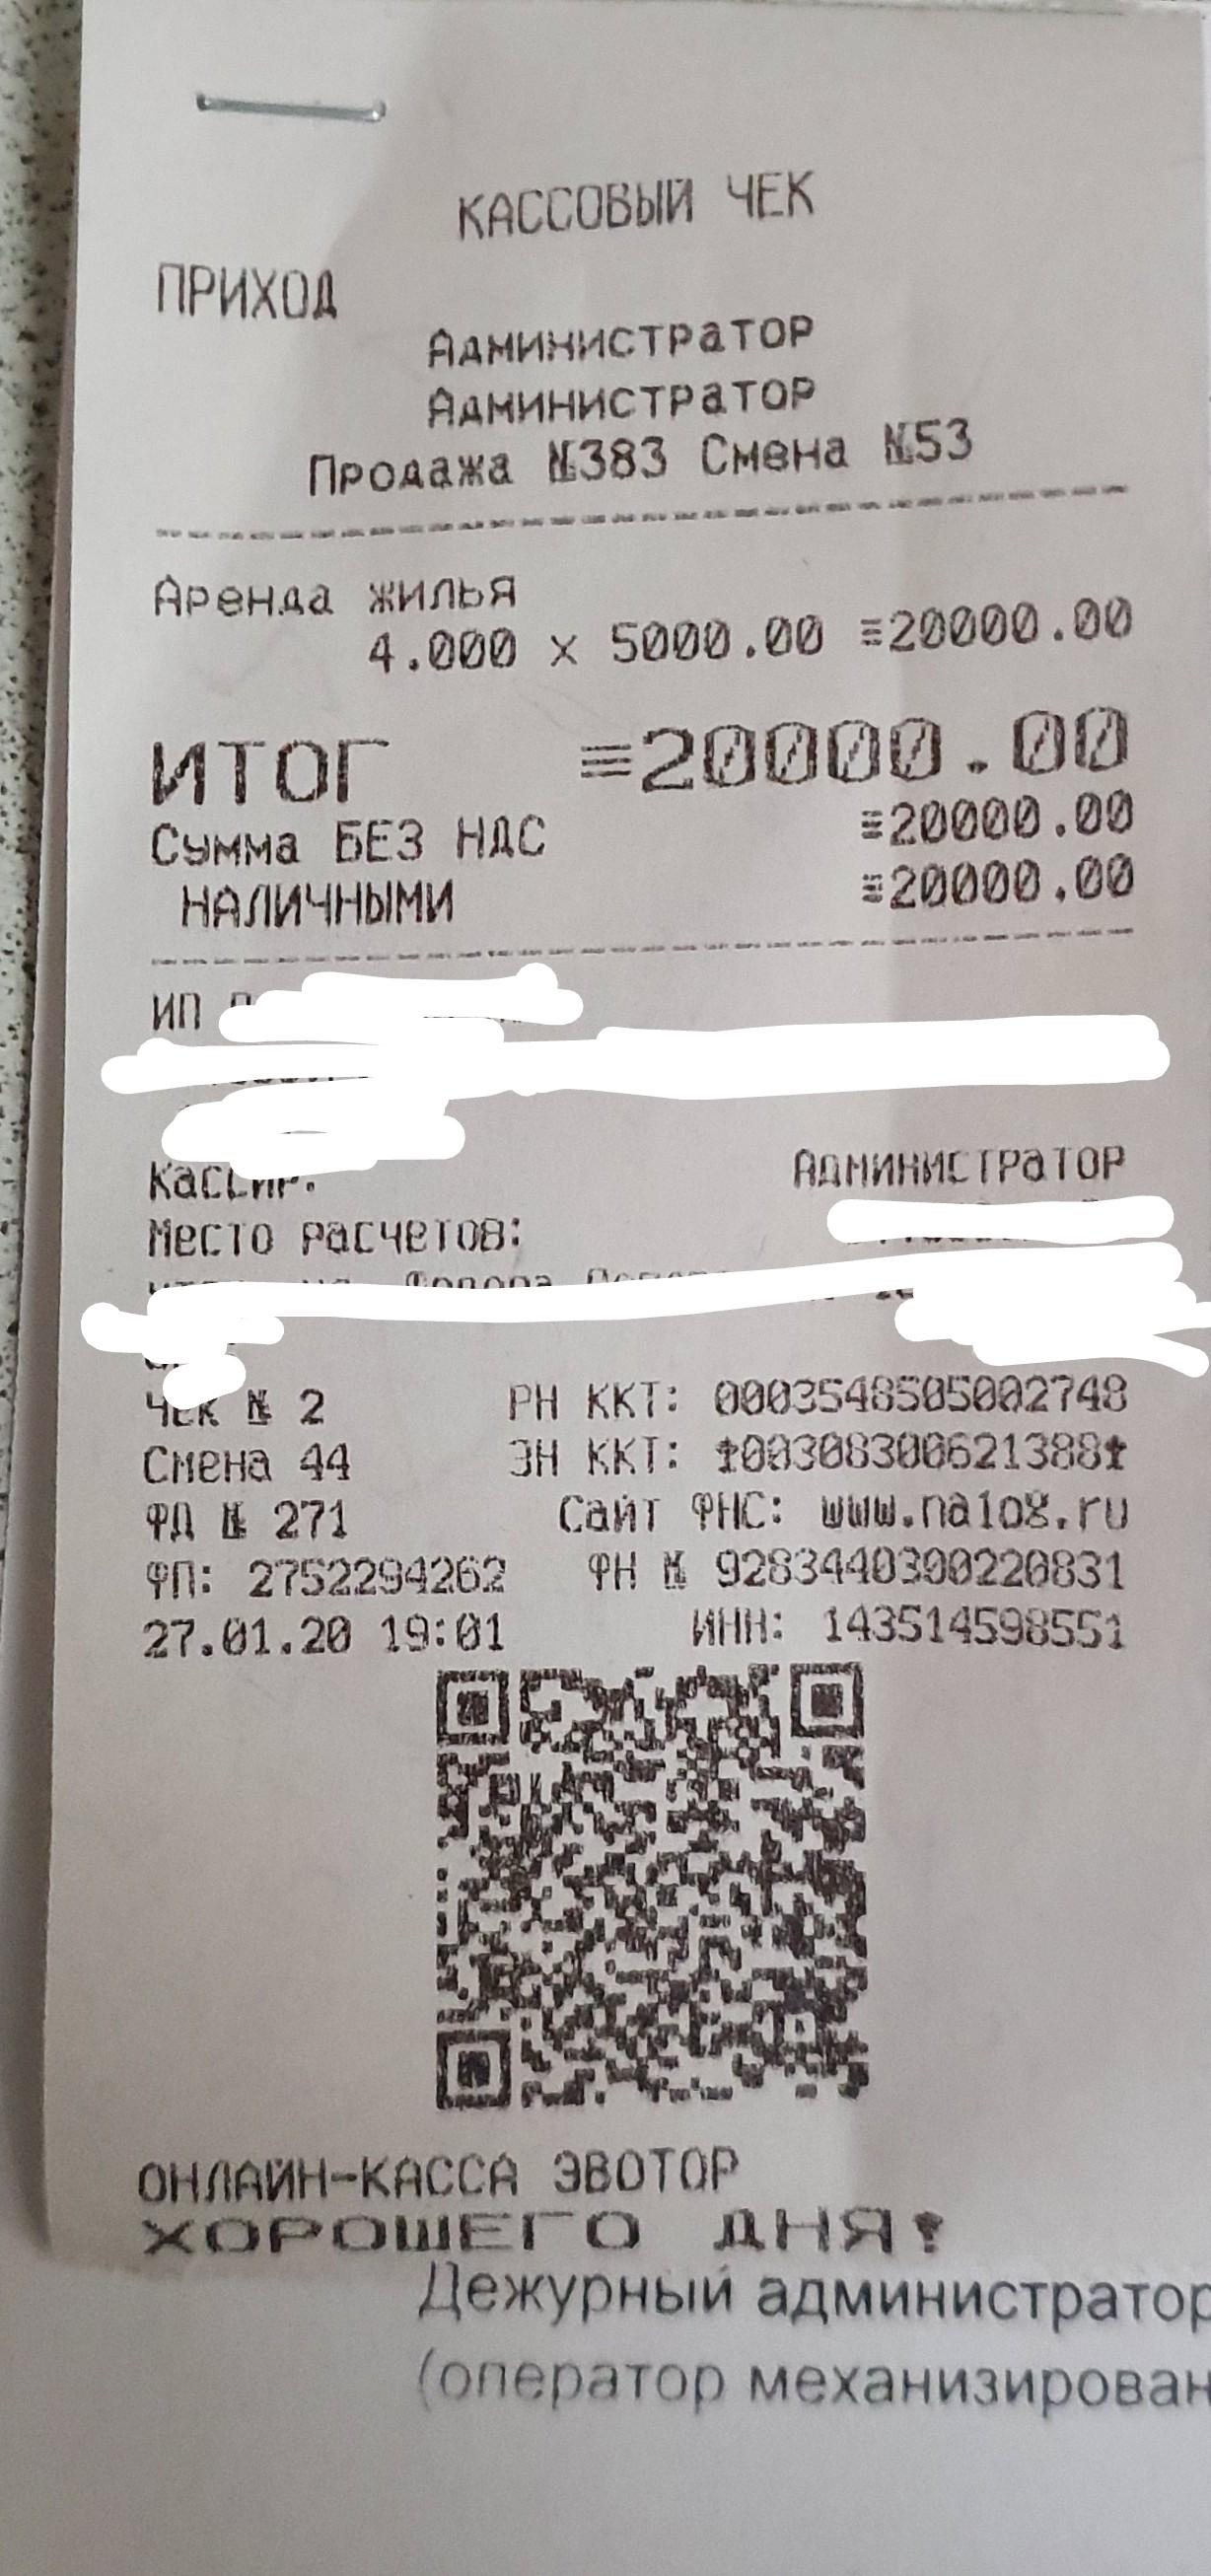 кассовые чеки в якутске купить